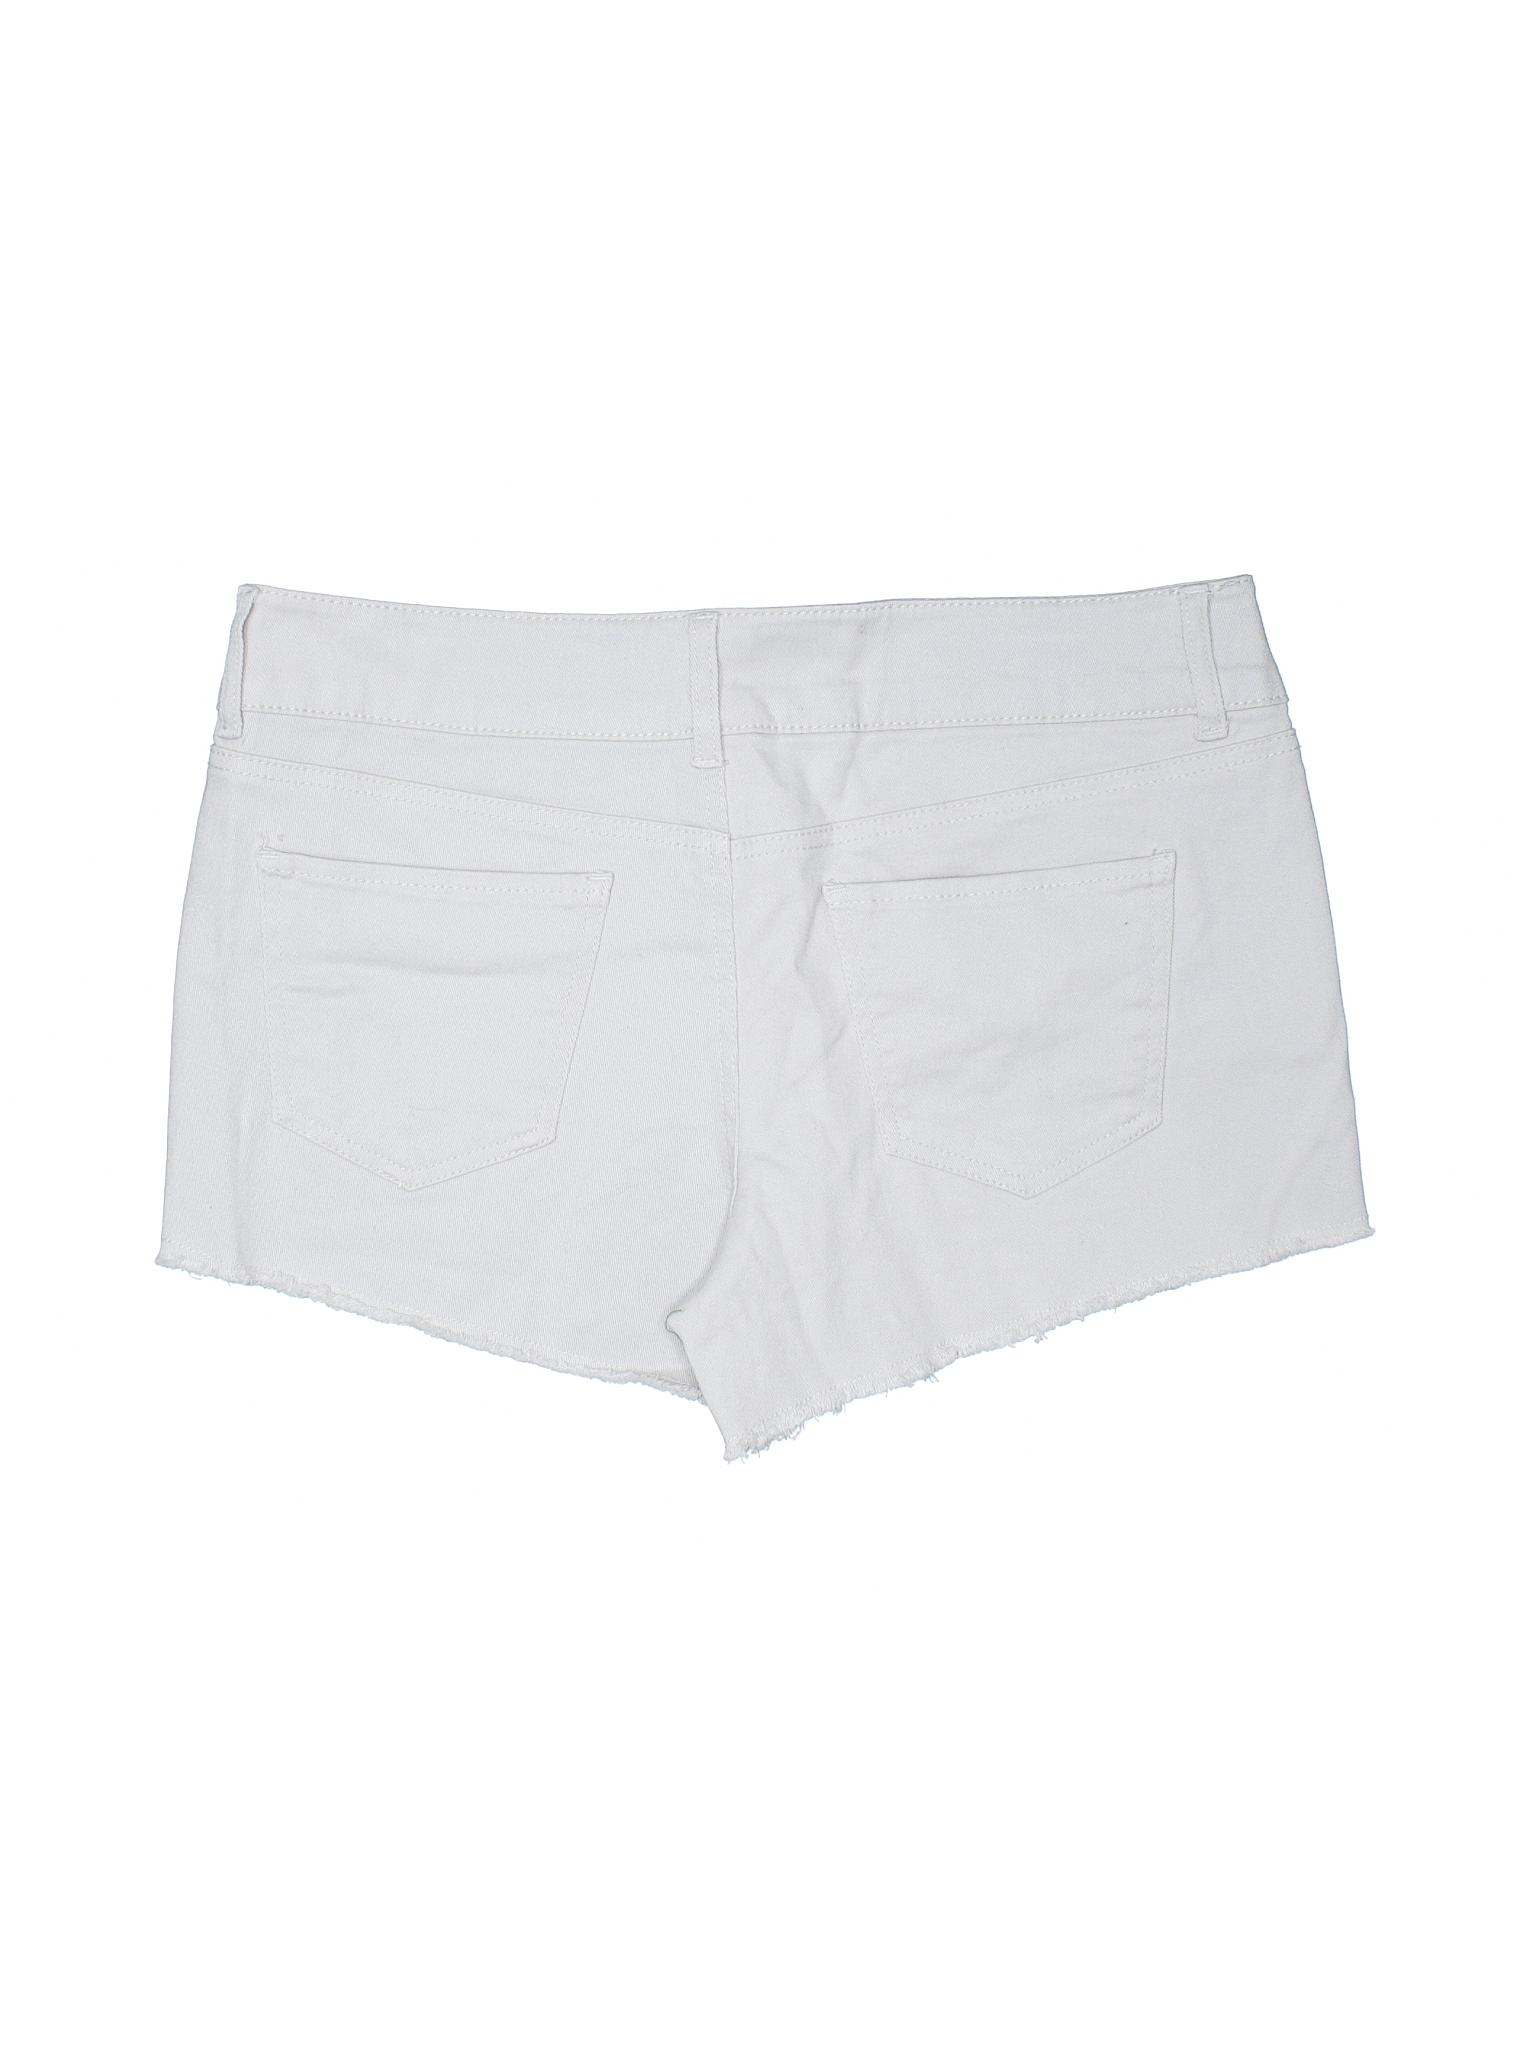 Boutique Boutique Refuge Denim Denim Refuge Boutique Denim Shorts Shorts Shorts Refuge Denim Boutique Shorts Refuge qwCgvAg